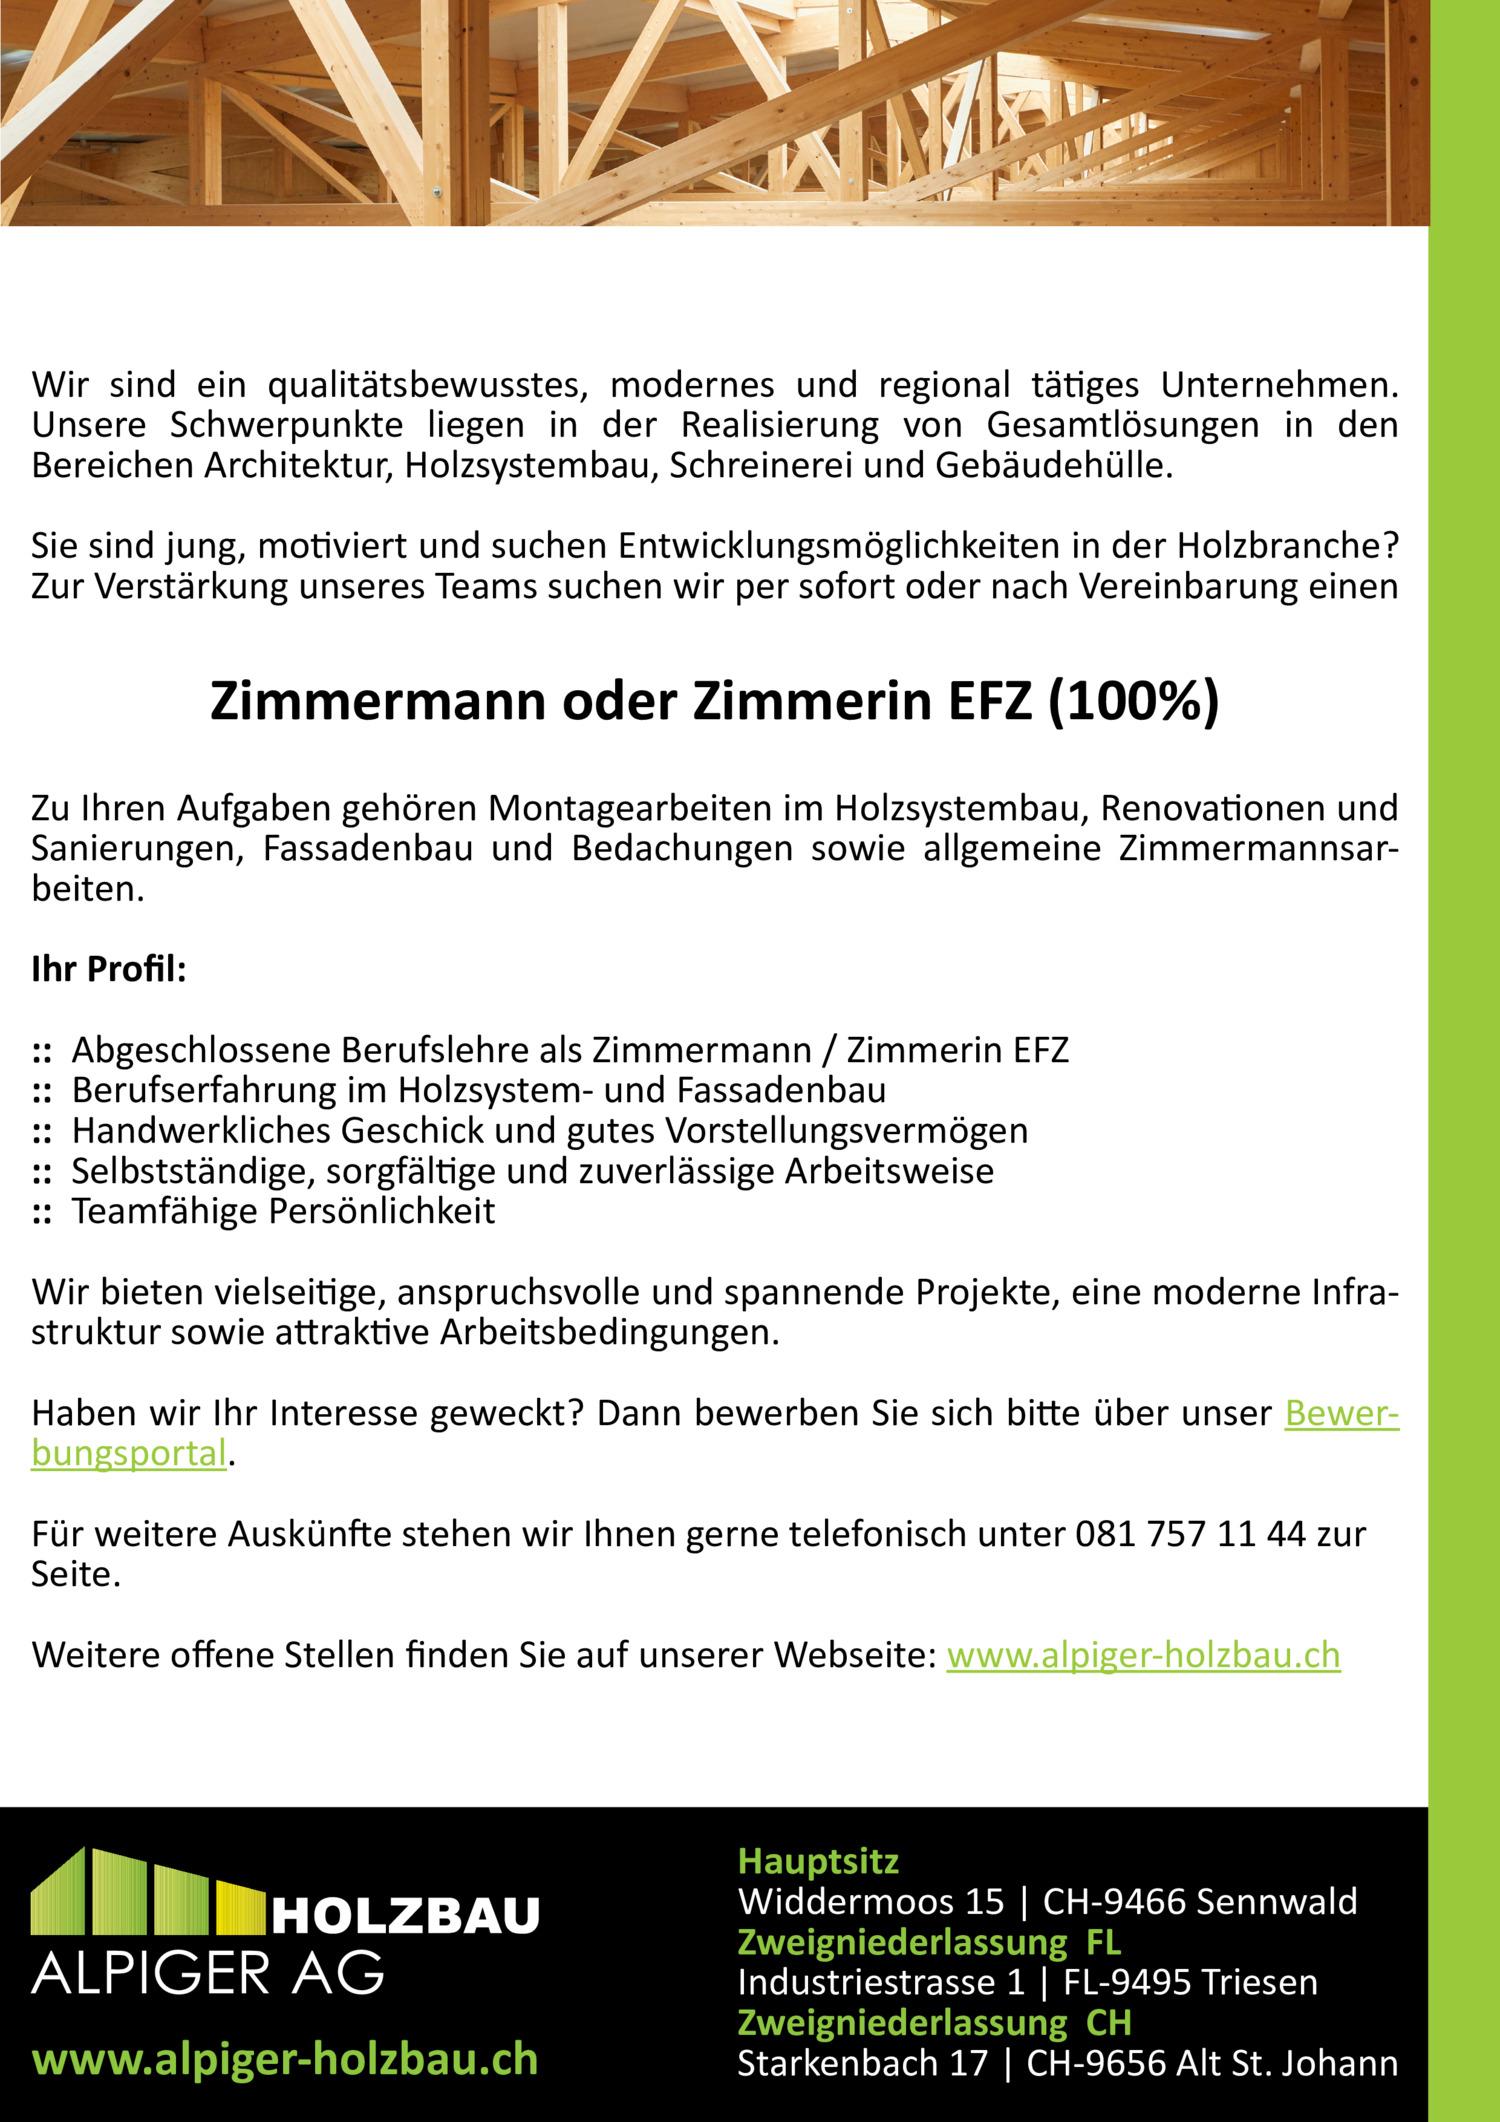 Inserat Zimmermann oder Zimmerin EFZ (100%)